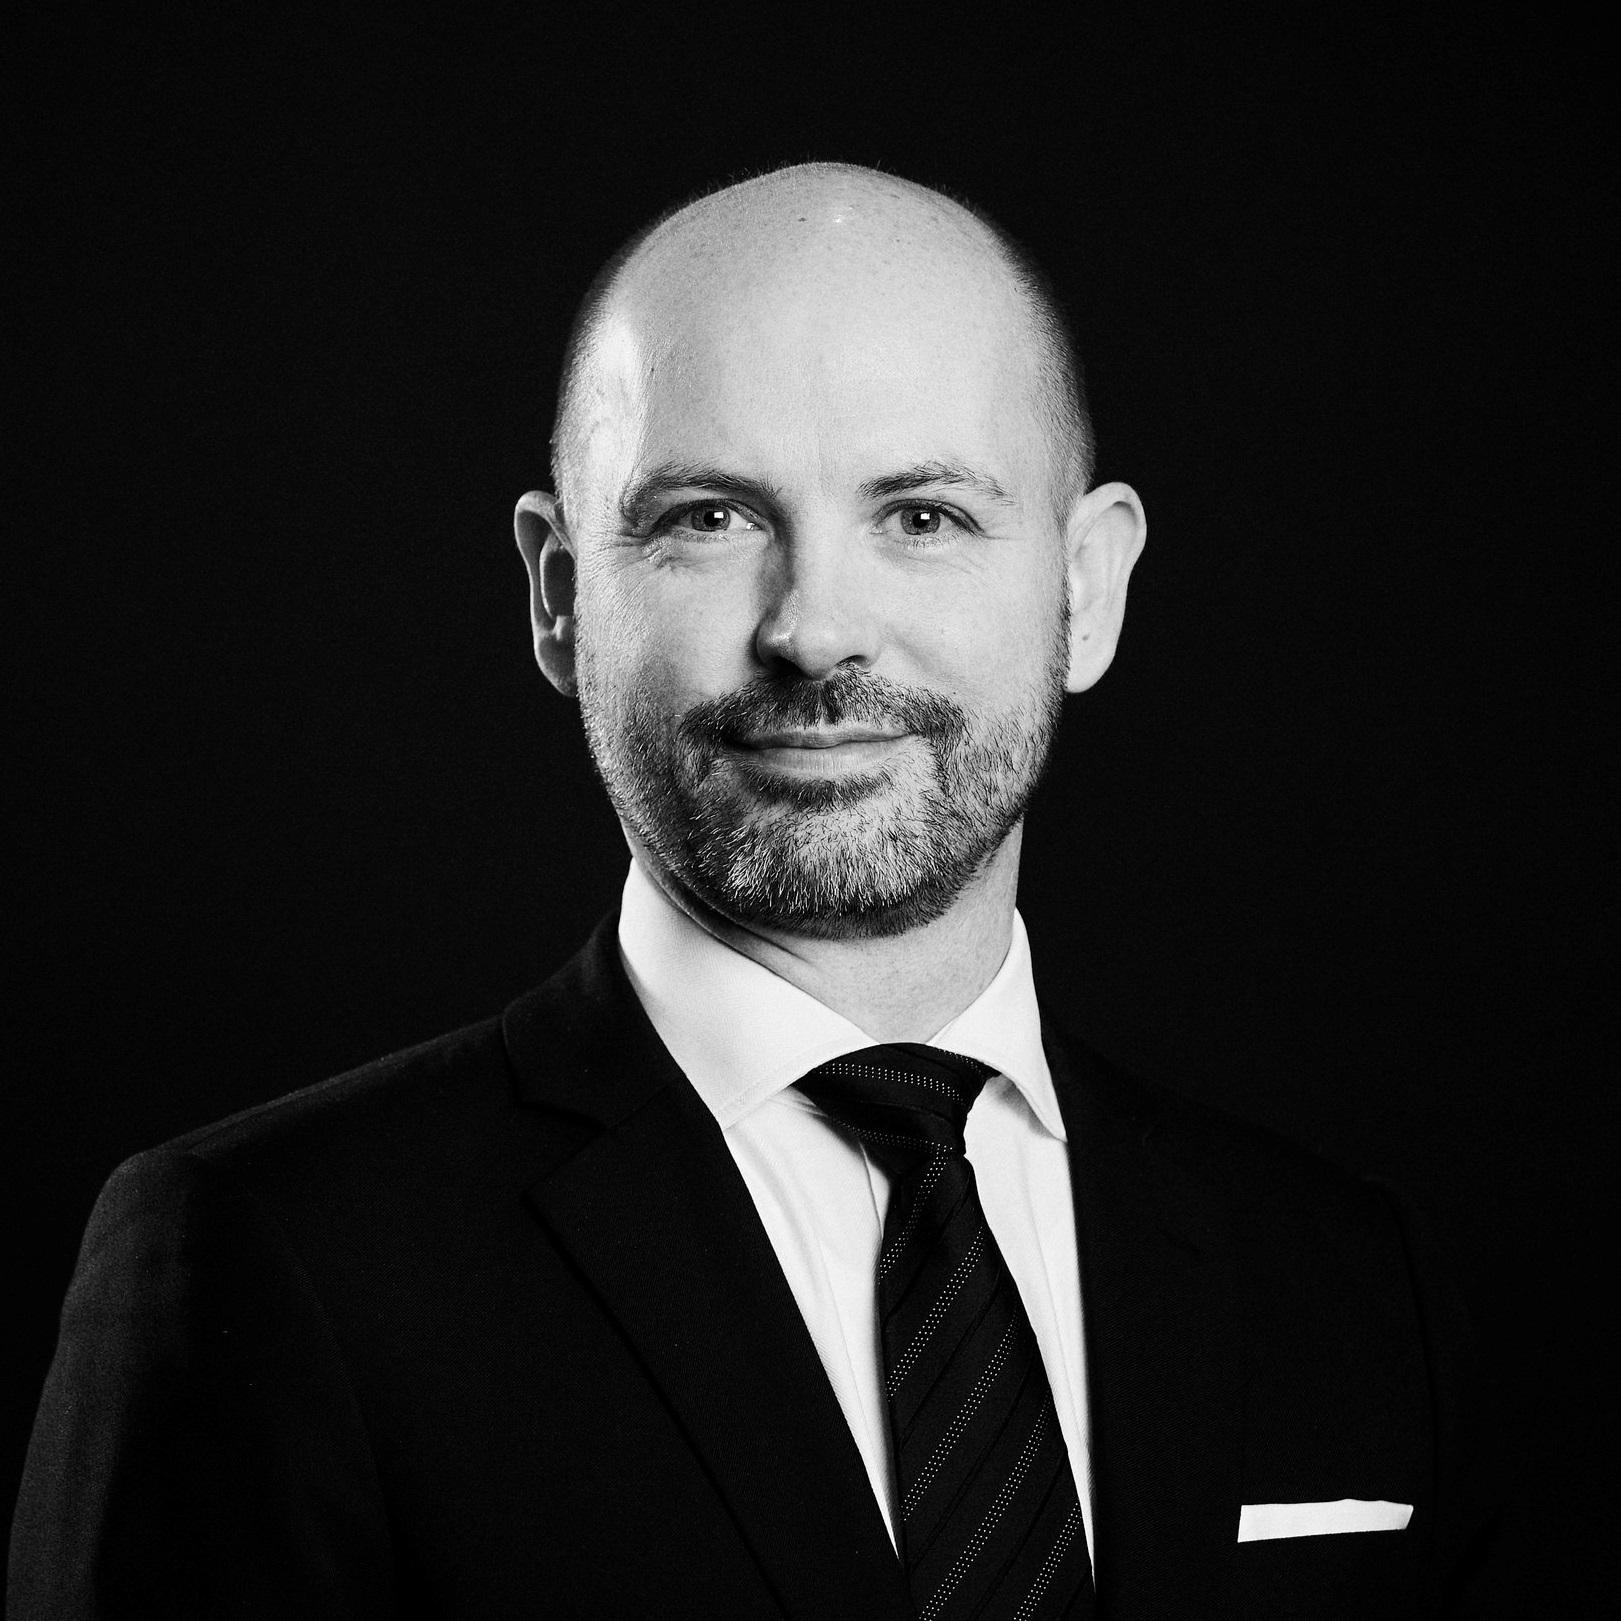 Mikkel Boe